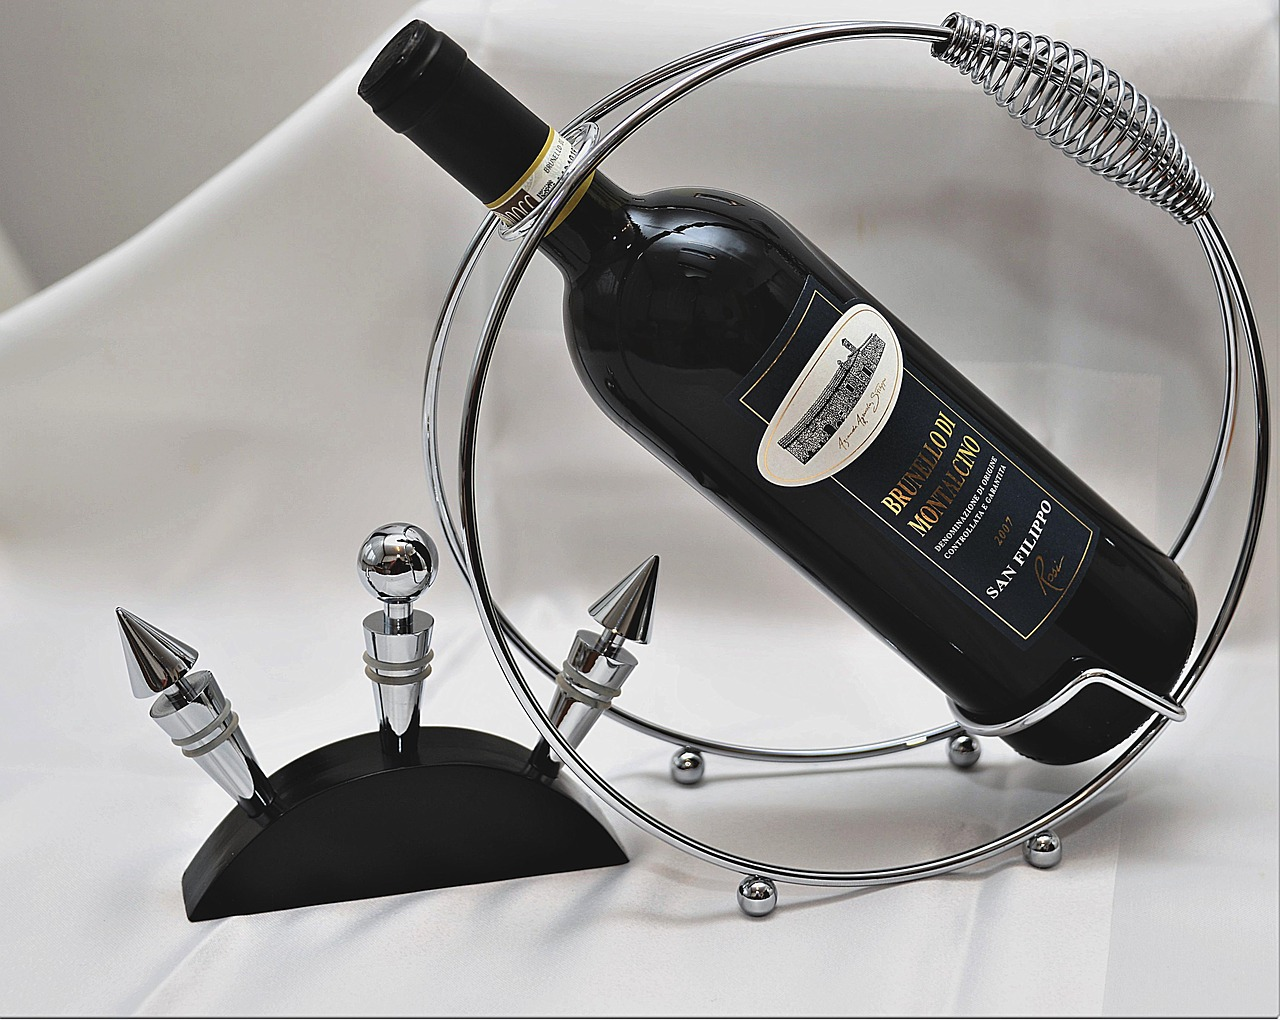 wine-bottle-2943339_1280